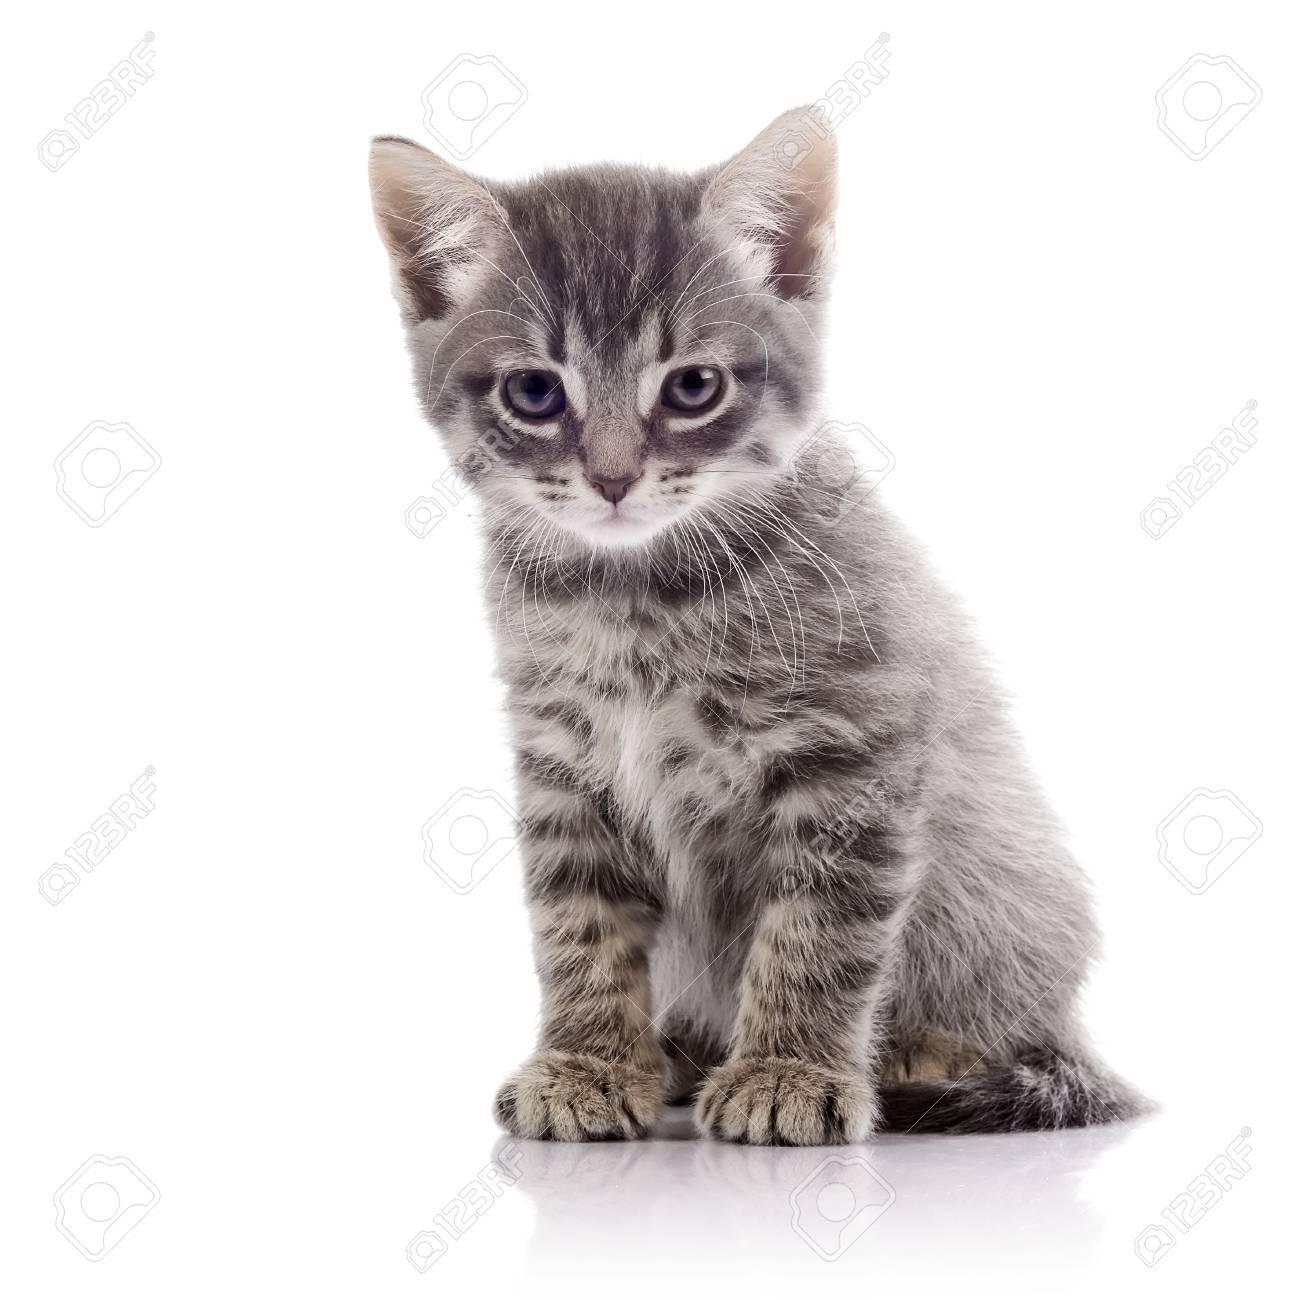 striped pas de race pure chaton chaton gris amusant chaton sur un fond blanc petit predateur petit chat banque d images et photos libres de droits image 34509324